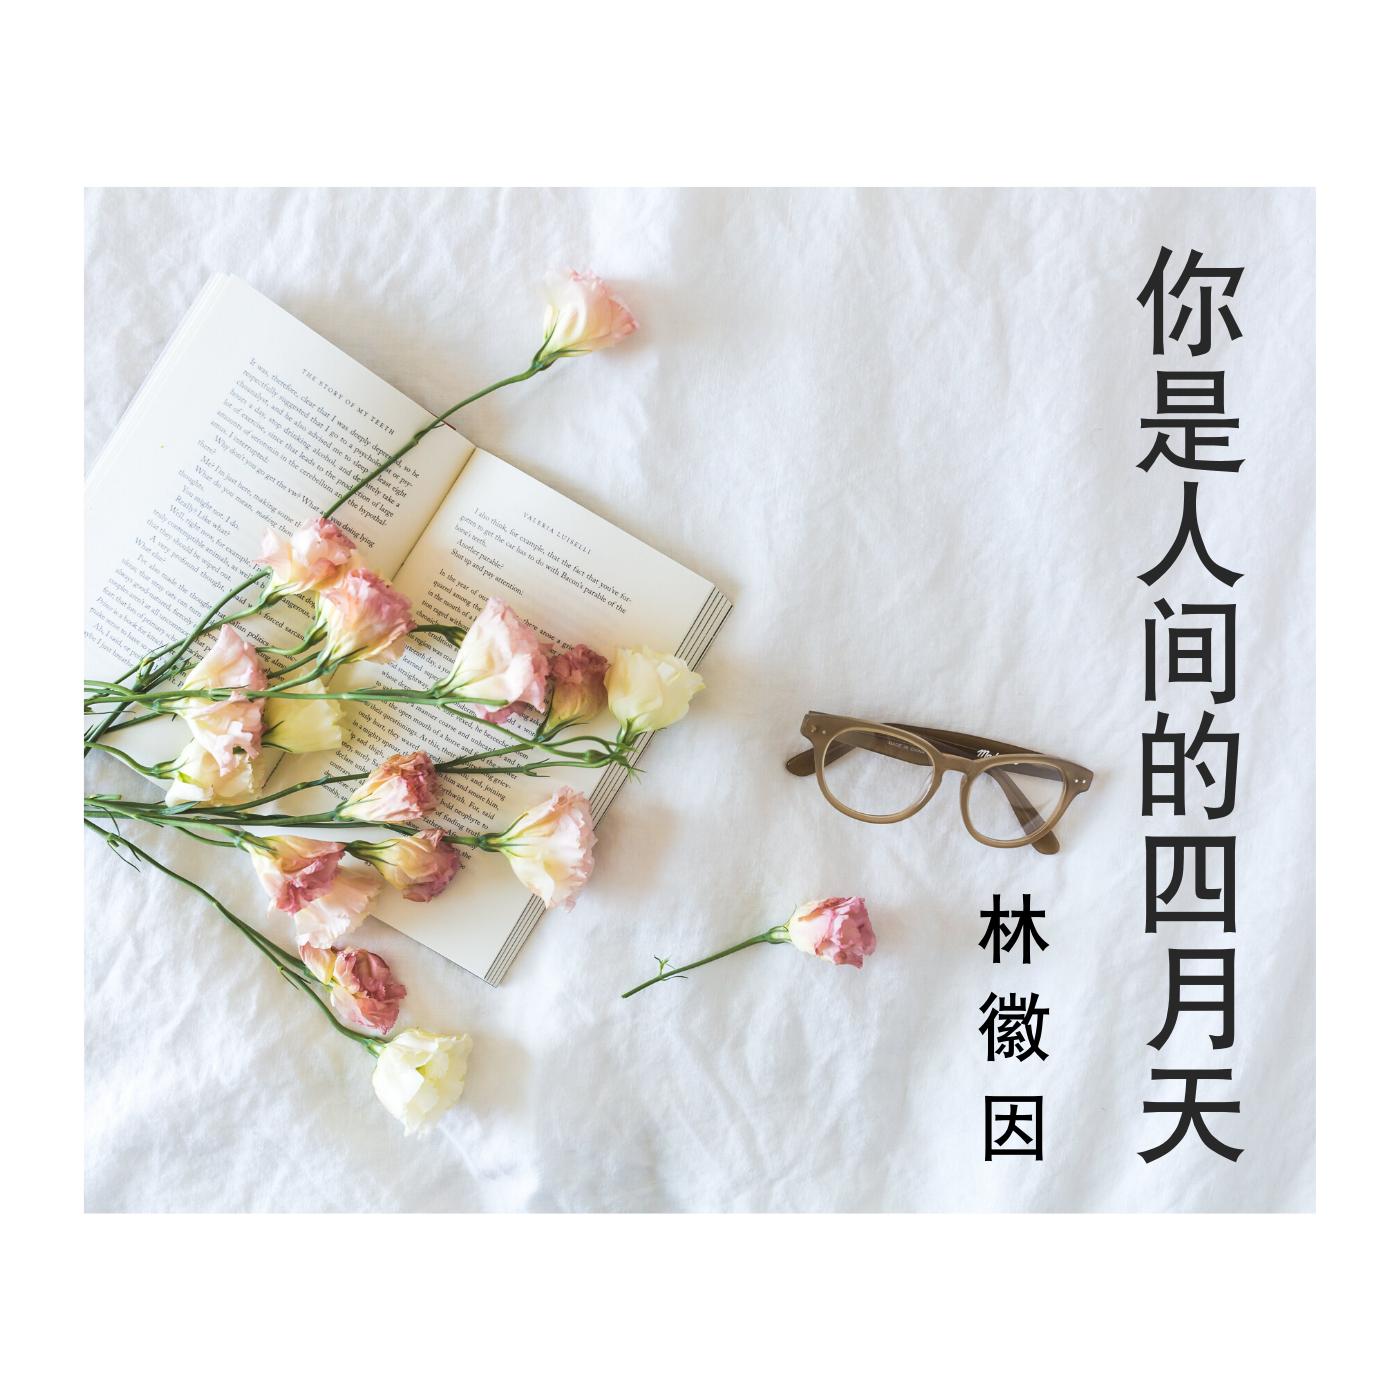 林徽因 《你是人间的四月天》